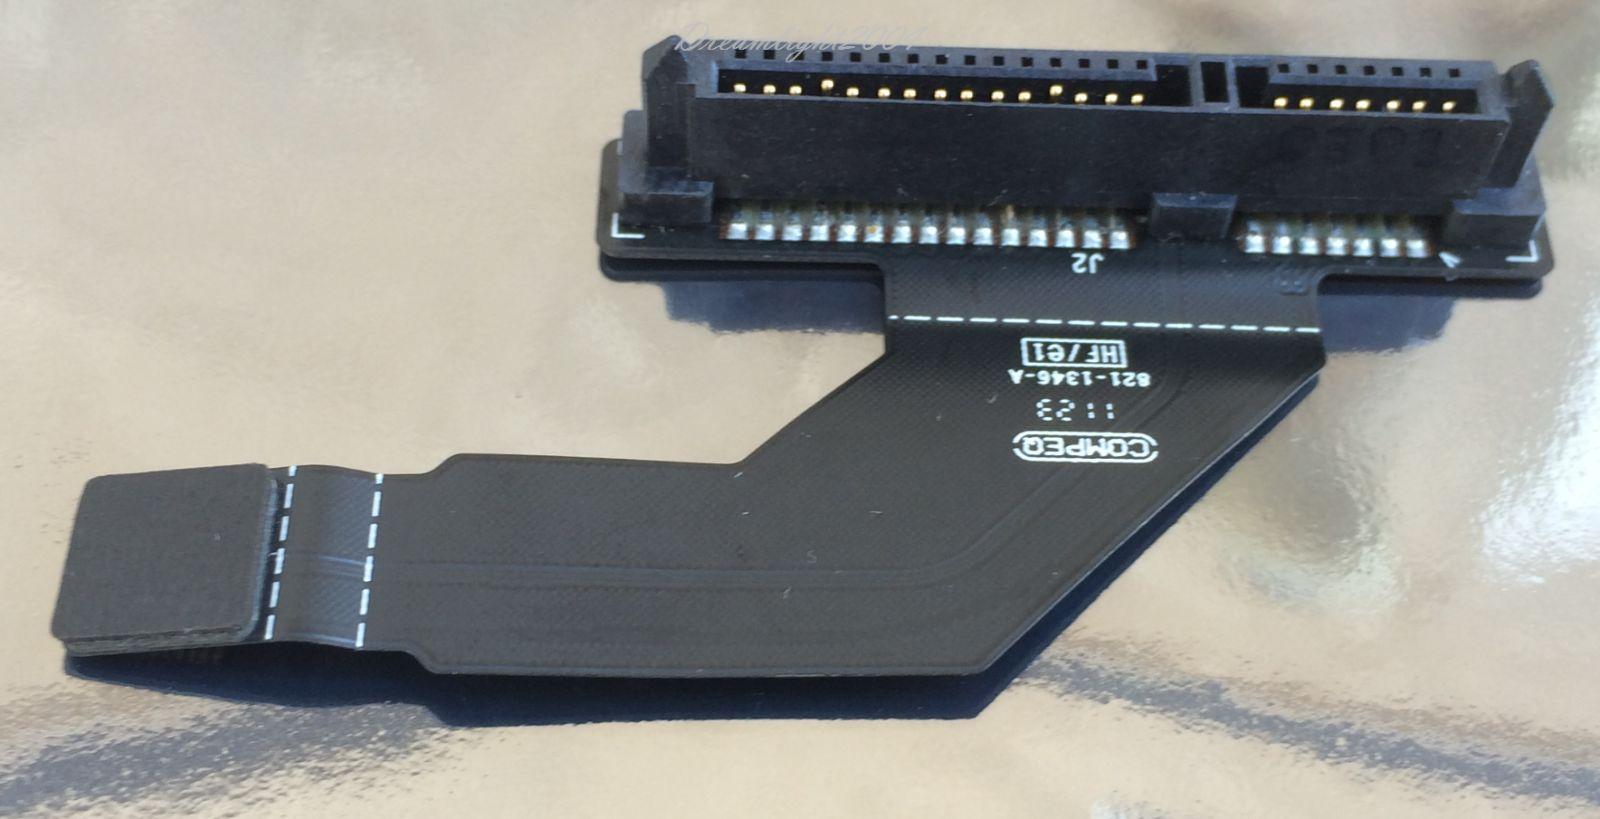 Cáp ổ cứng thứ 2 cho mac mini - apple mac mini cable hdd 821-1501-A 076-1412 A1347 mc270 mc438 mc815 mc816 mc936 md387 md388 md389 bto-cto